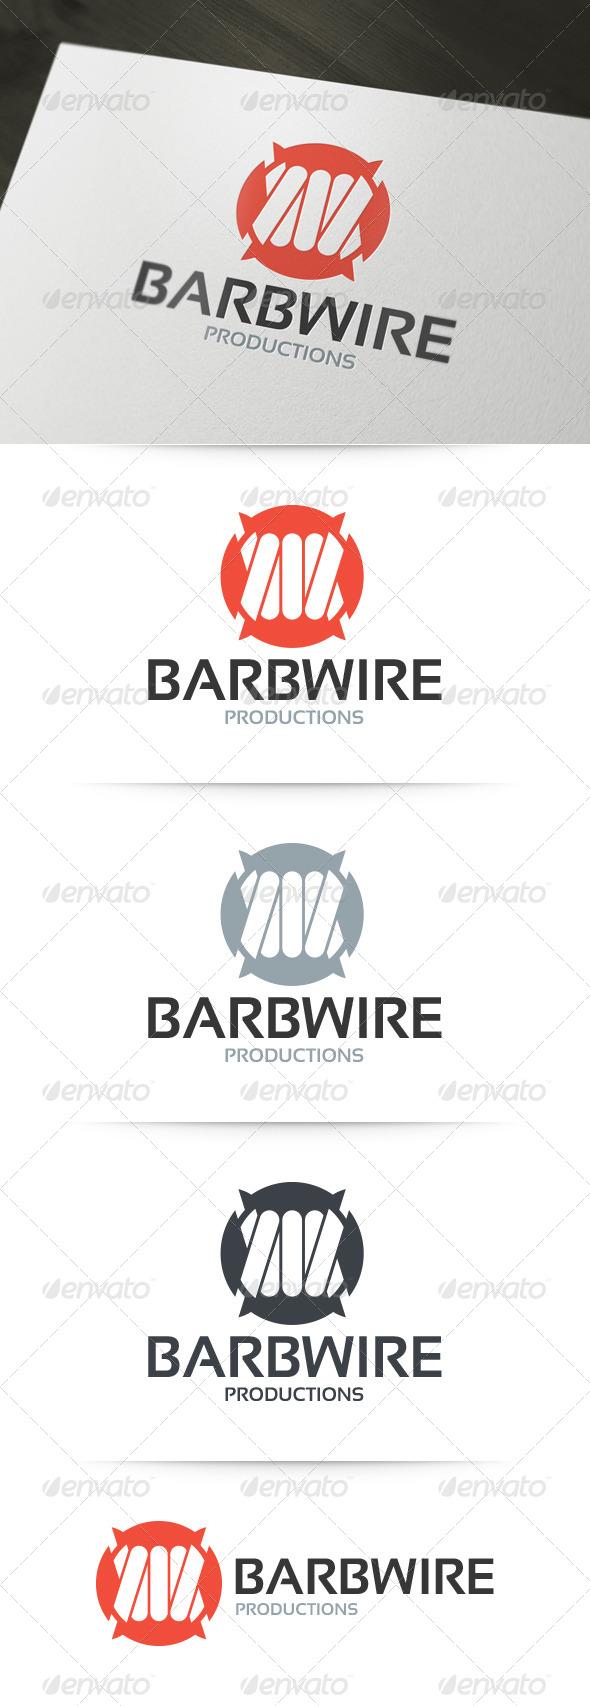 GraphicRiver Barbwire Logo Template 6261464